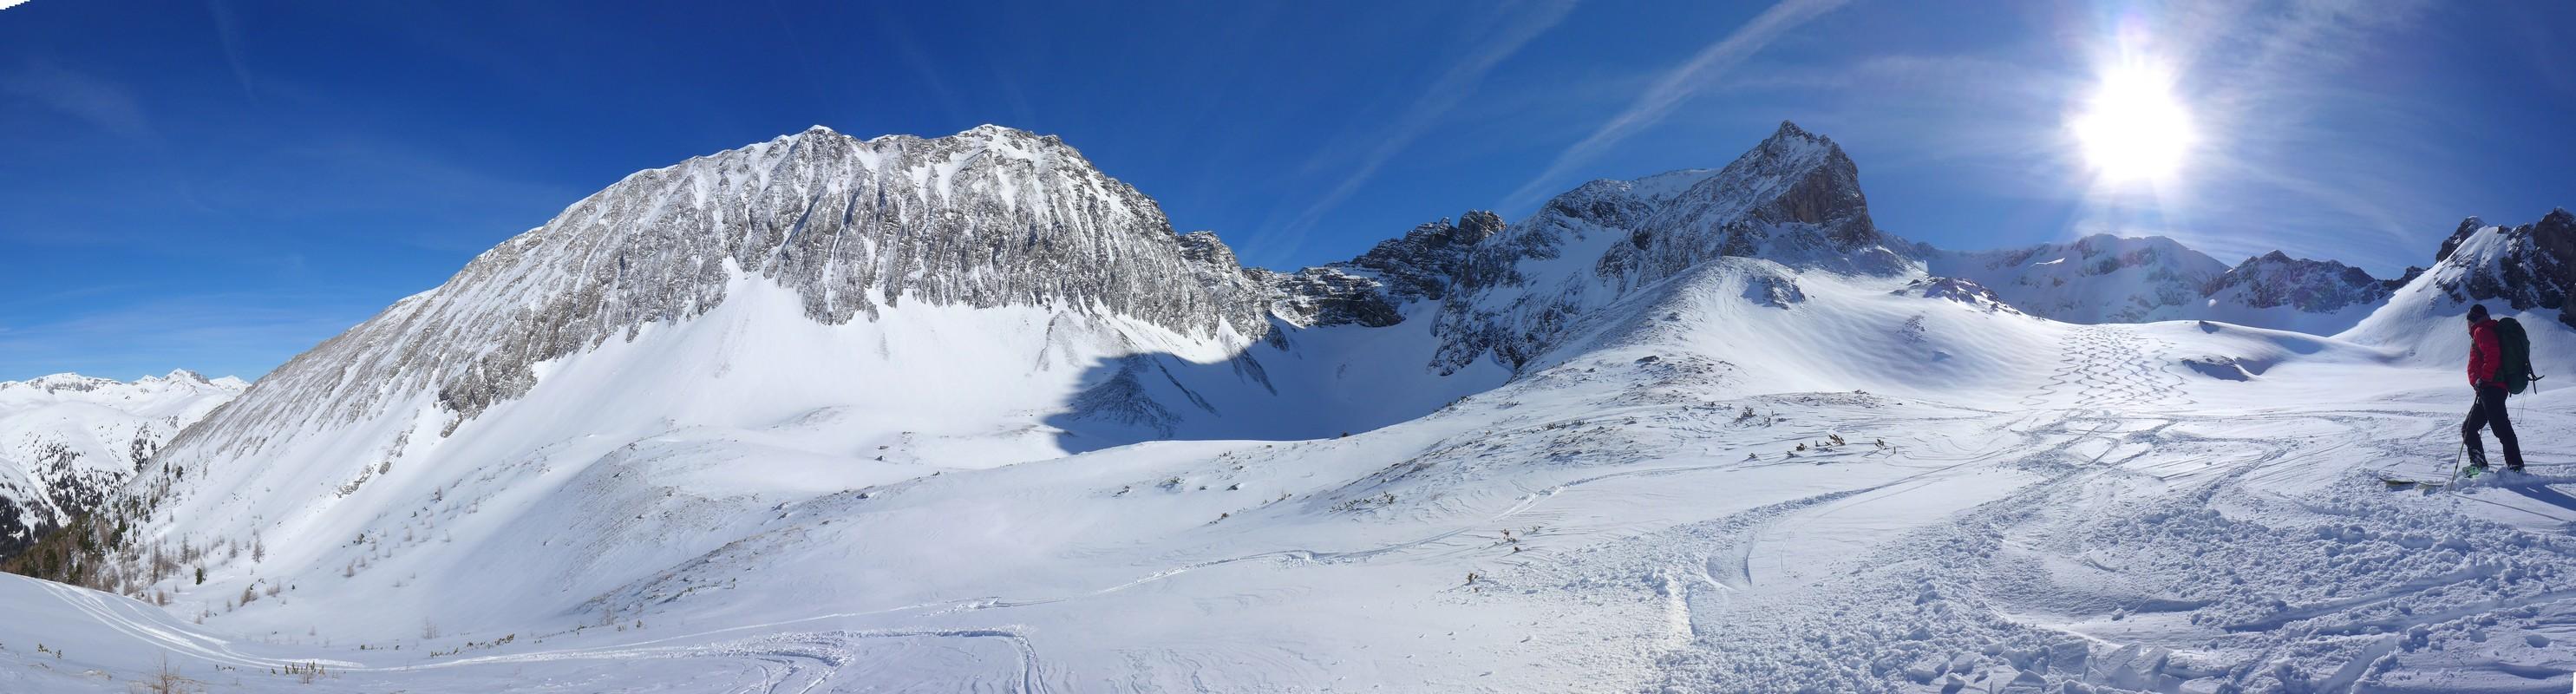 Weisseck Niedere Tauern Austria panorama 39